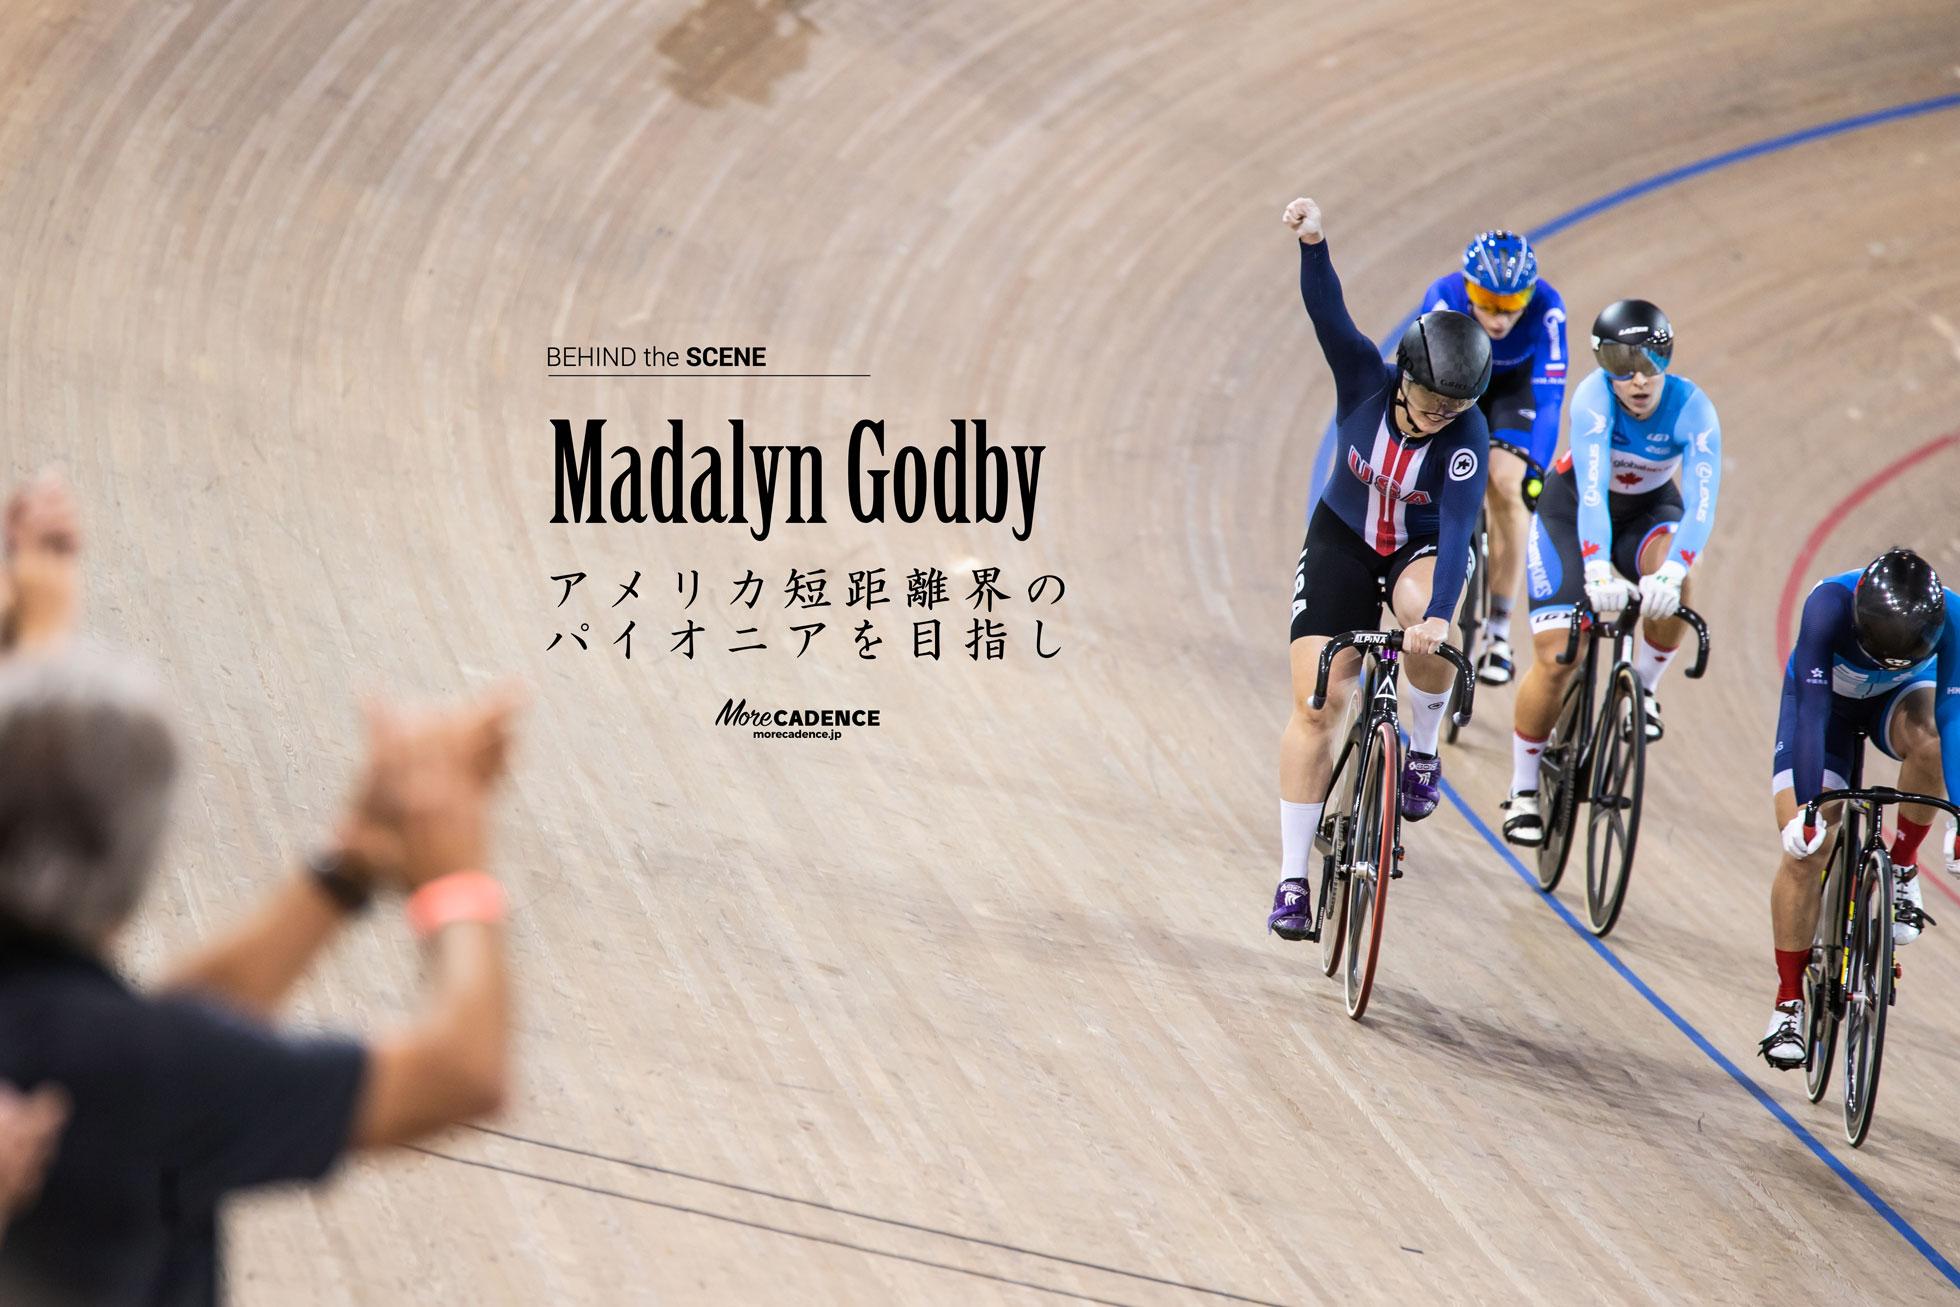 Madalyn Godby